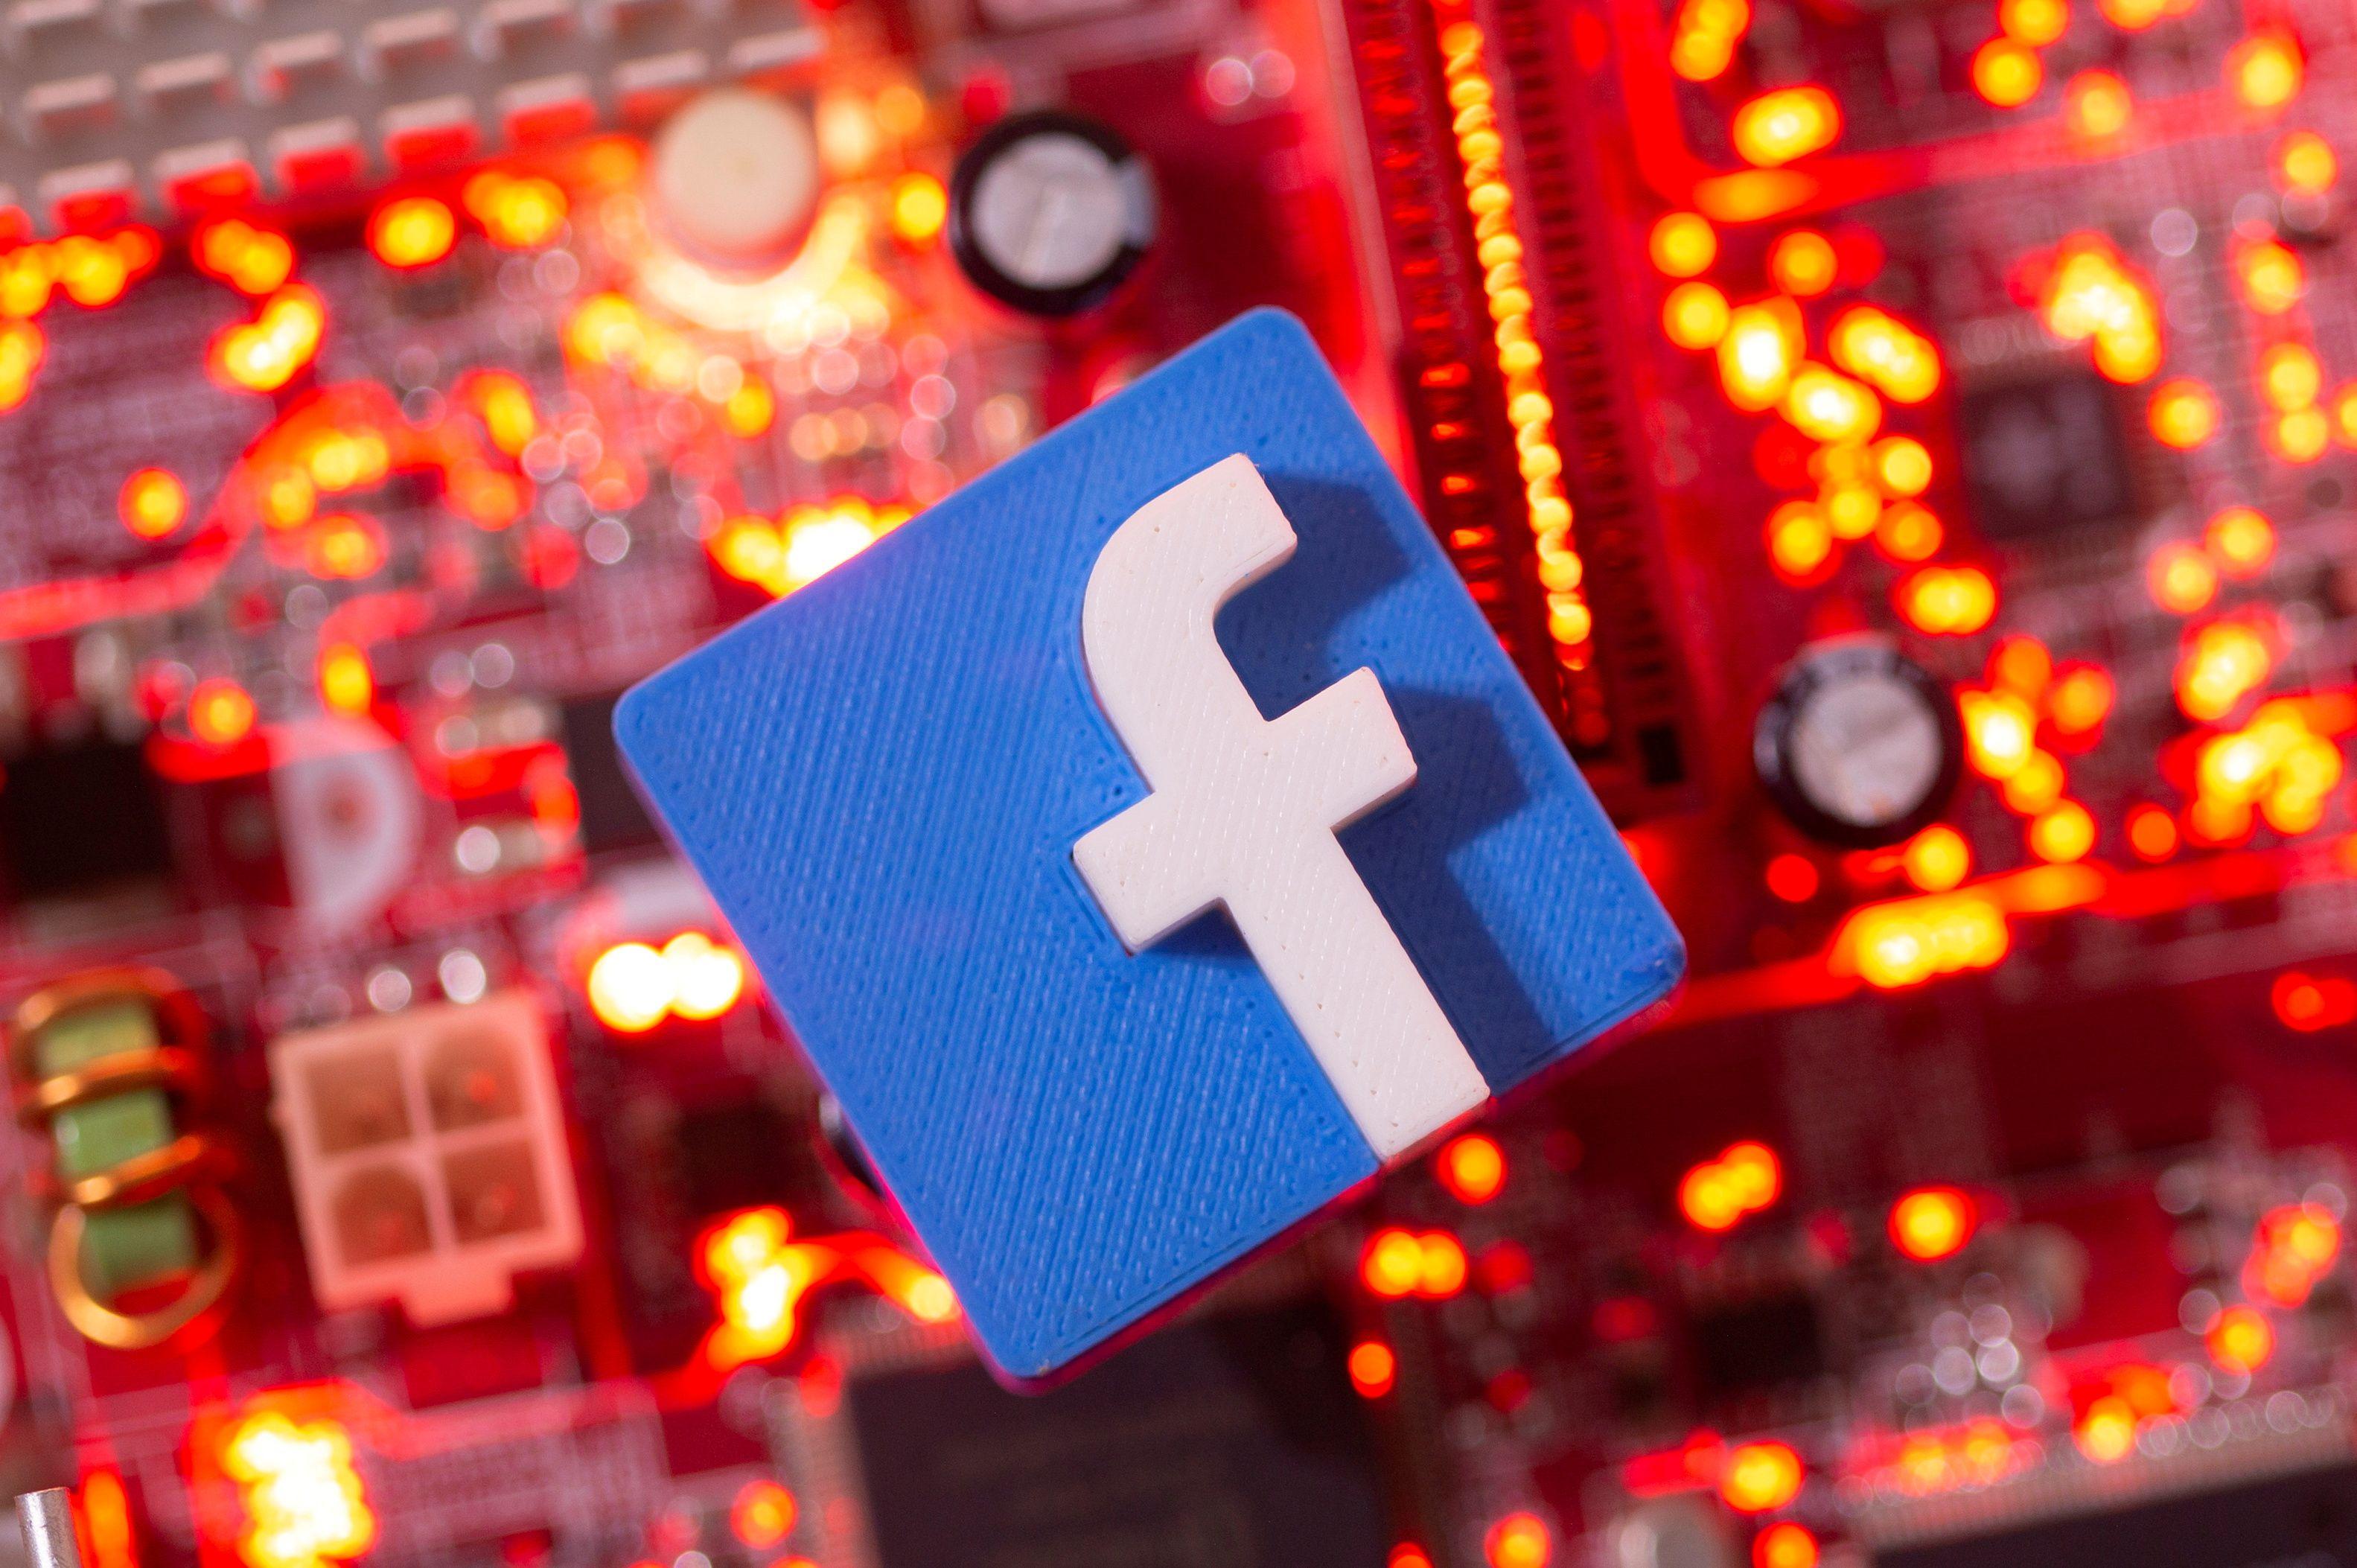 Facebook está trabajando en un smartwatch para monitorear la actividad física del usuario (REUTERS/Dado Ruvic/Illustration/File Photo)